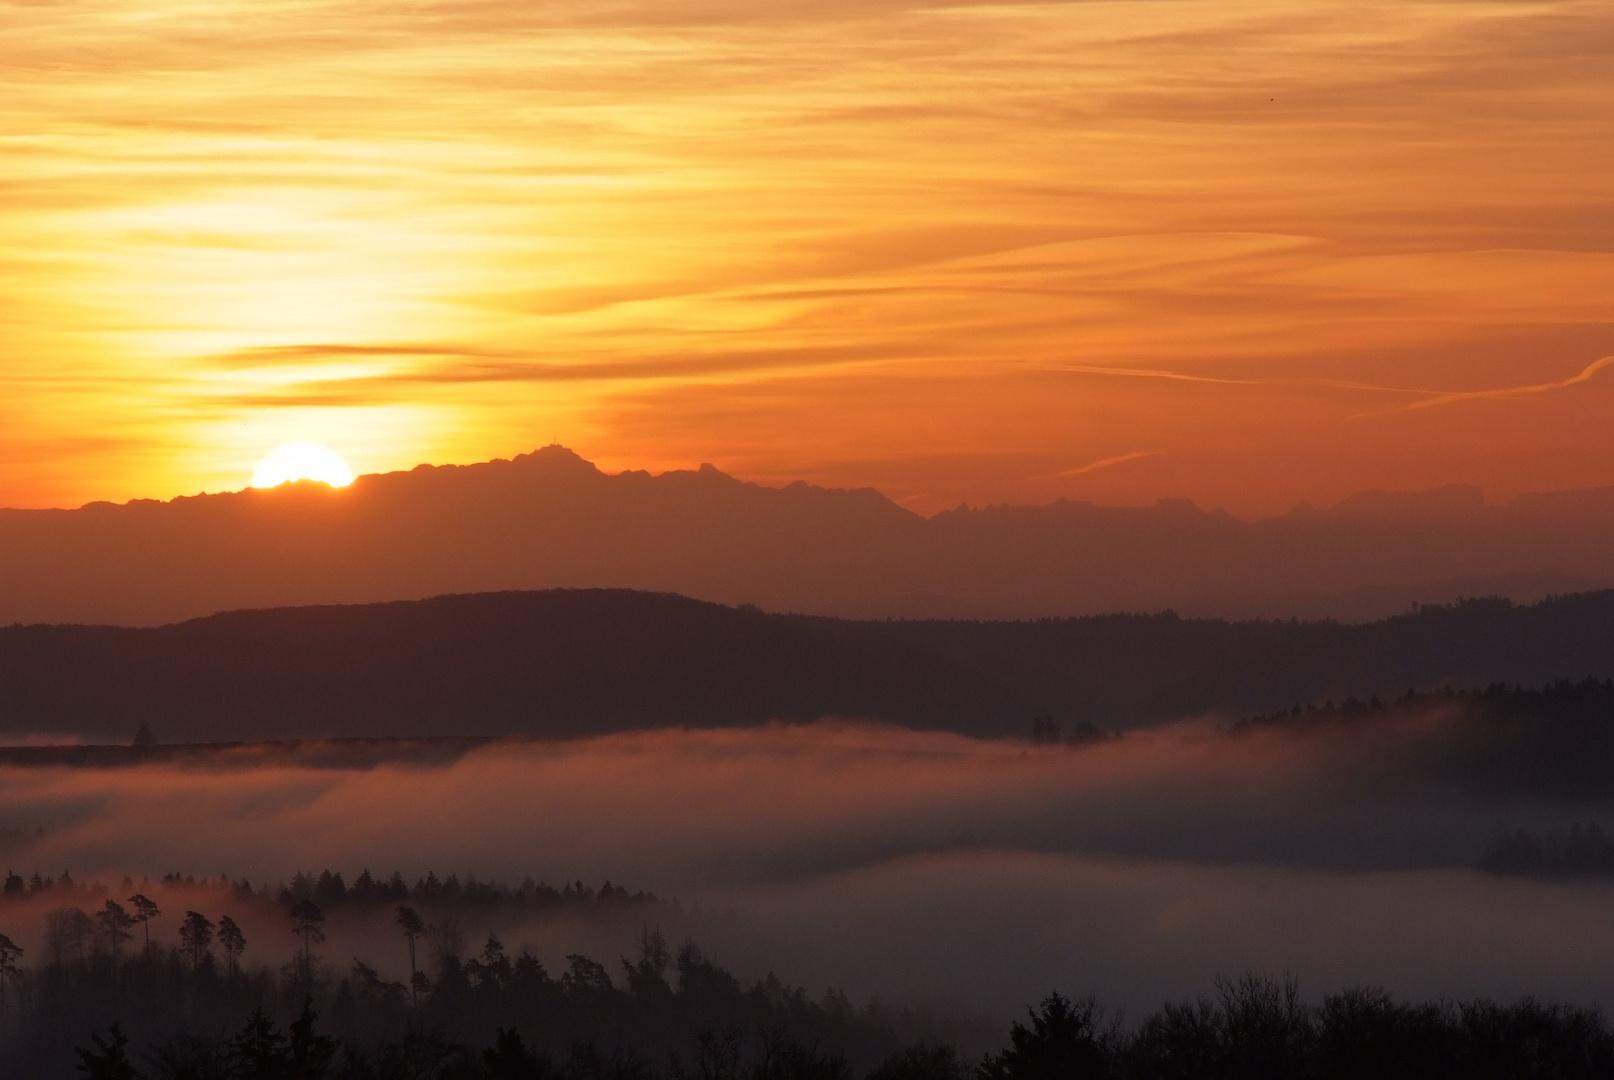 Sonnenaufgang am Alpenrand